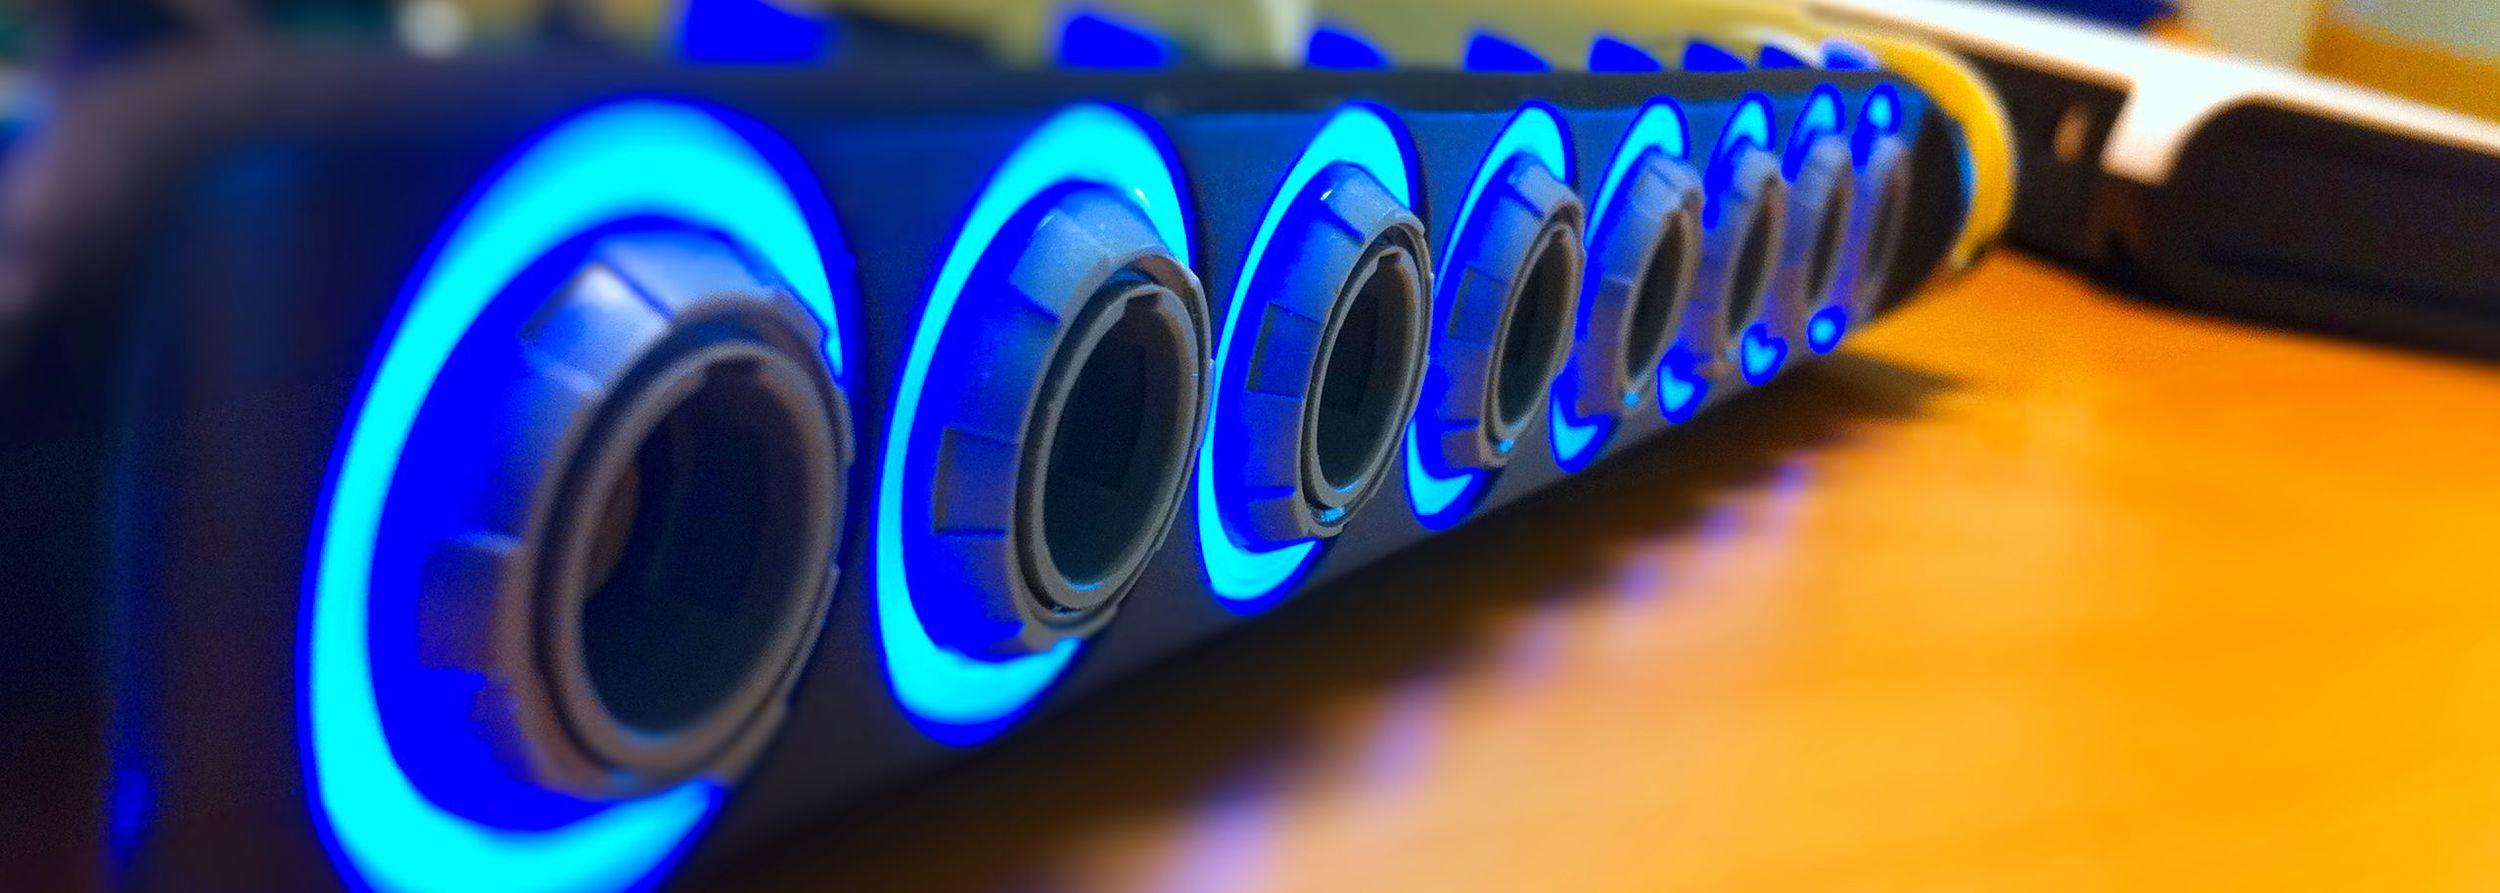 Design av lys-ledere i utstyr til medisinsk bruk.